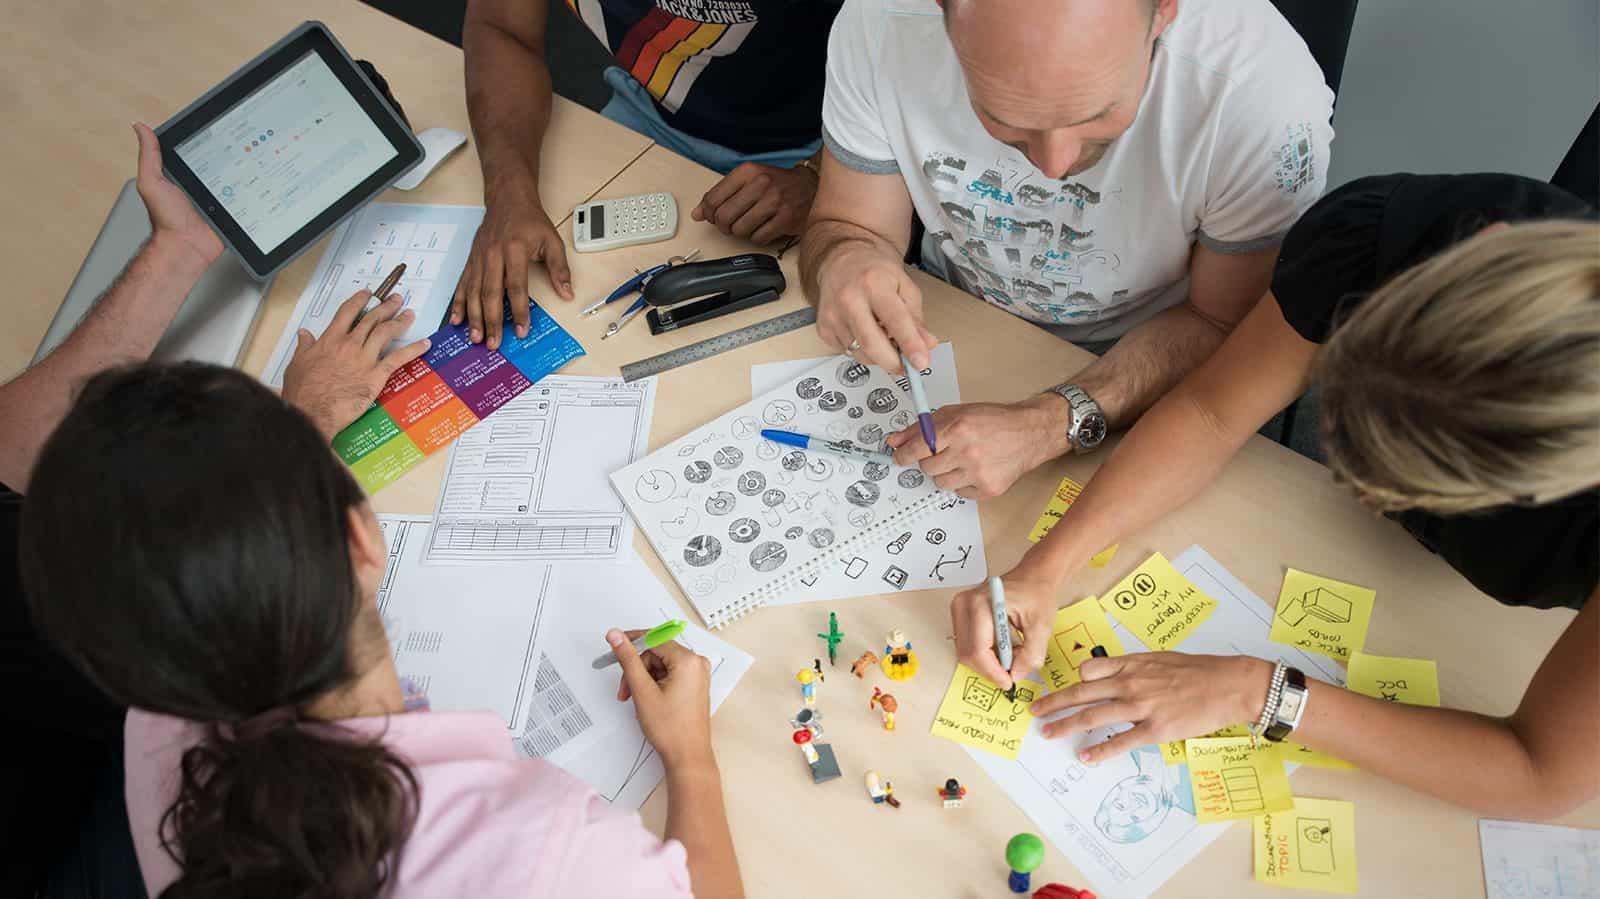 SAP_UX_Design_Services